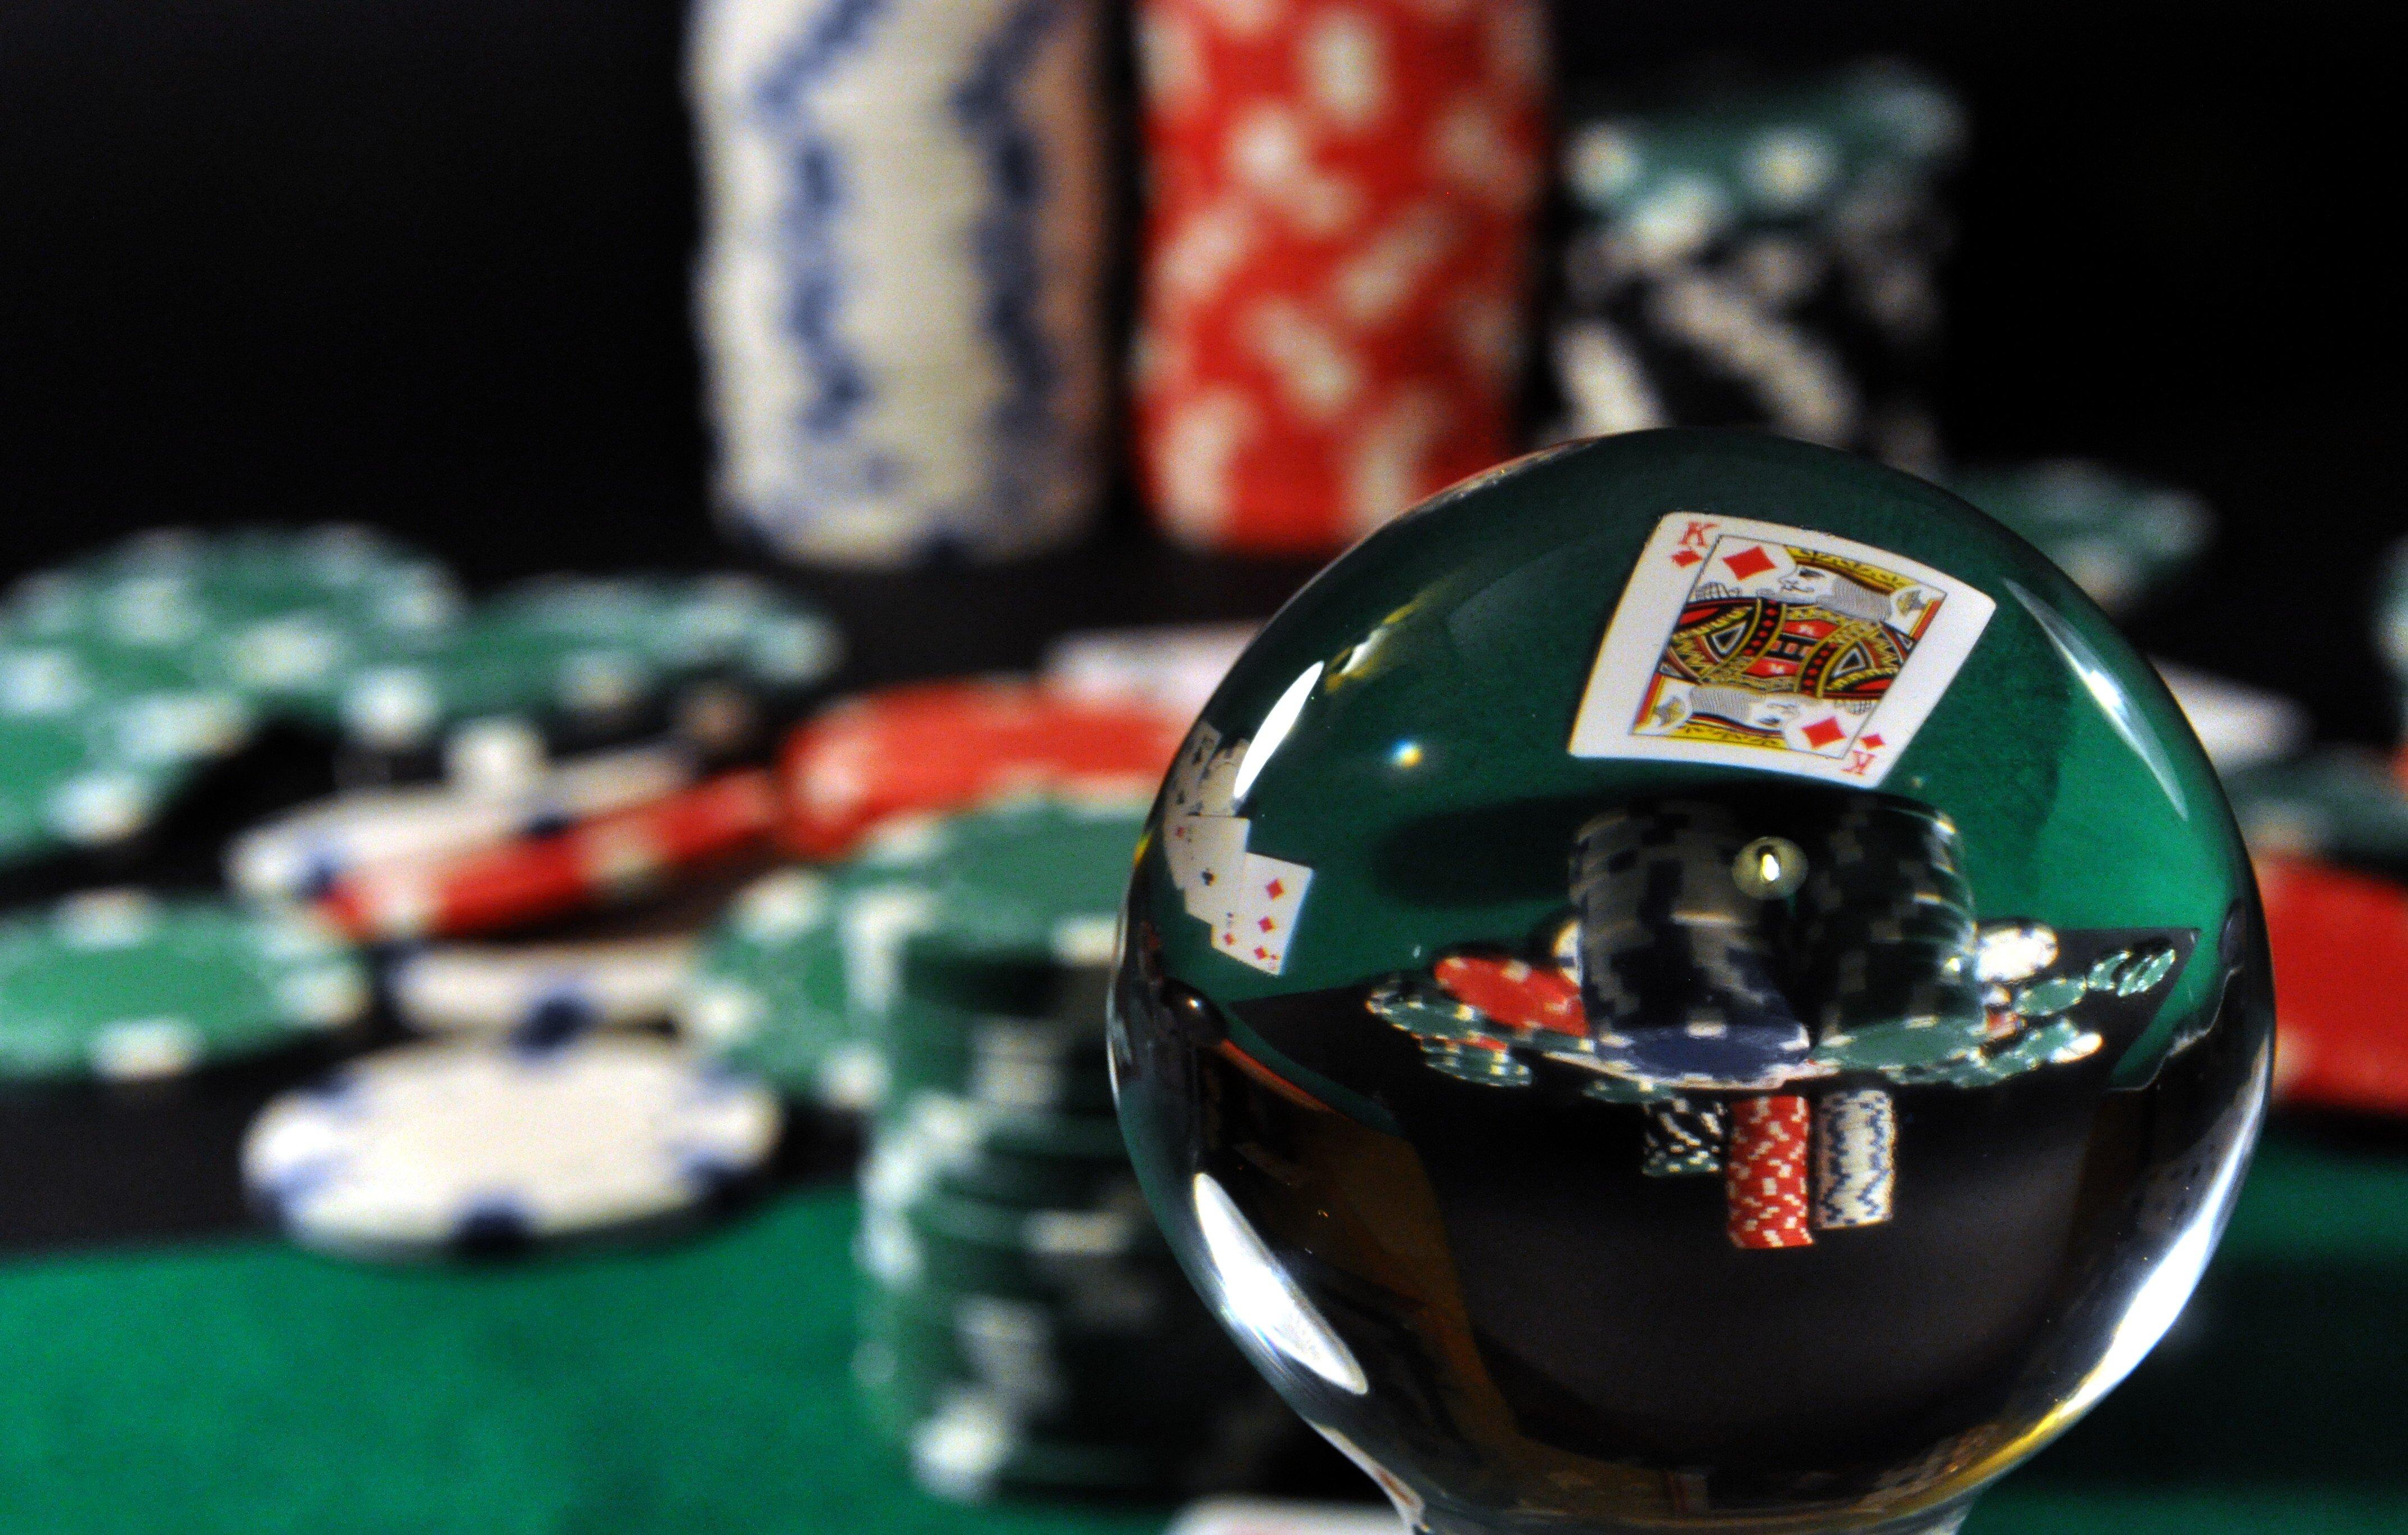 Muzicieni faimosi experimentati in jocul de cazino